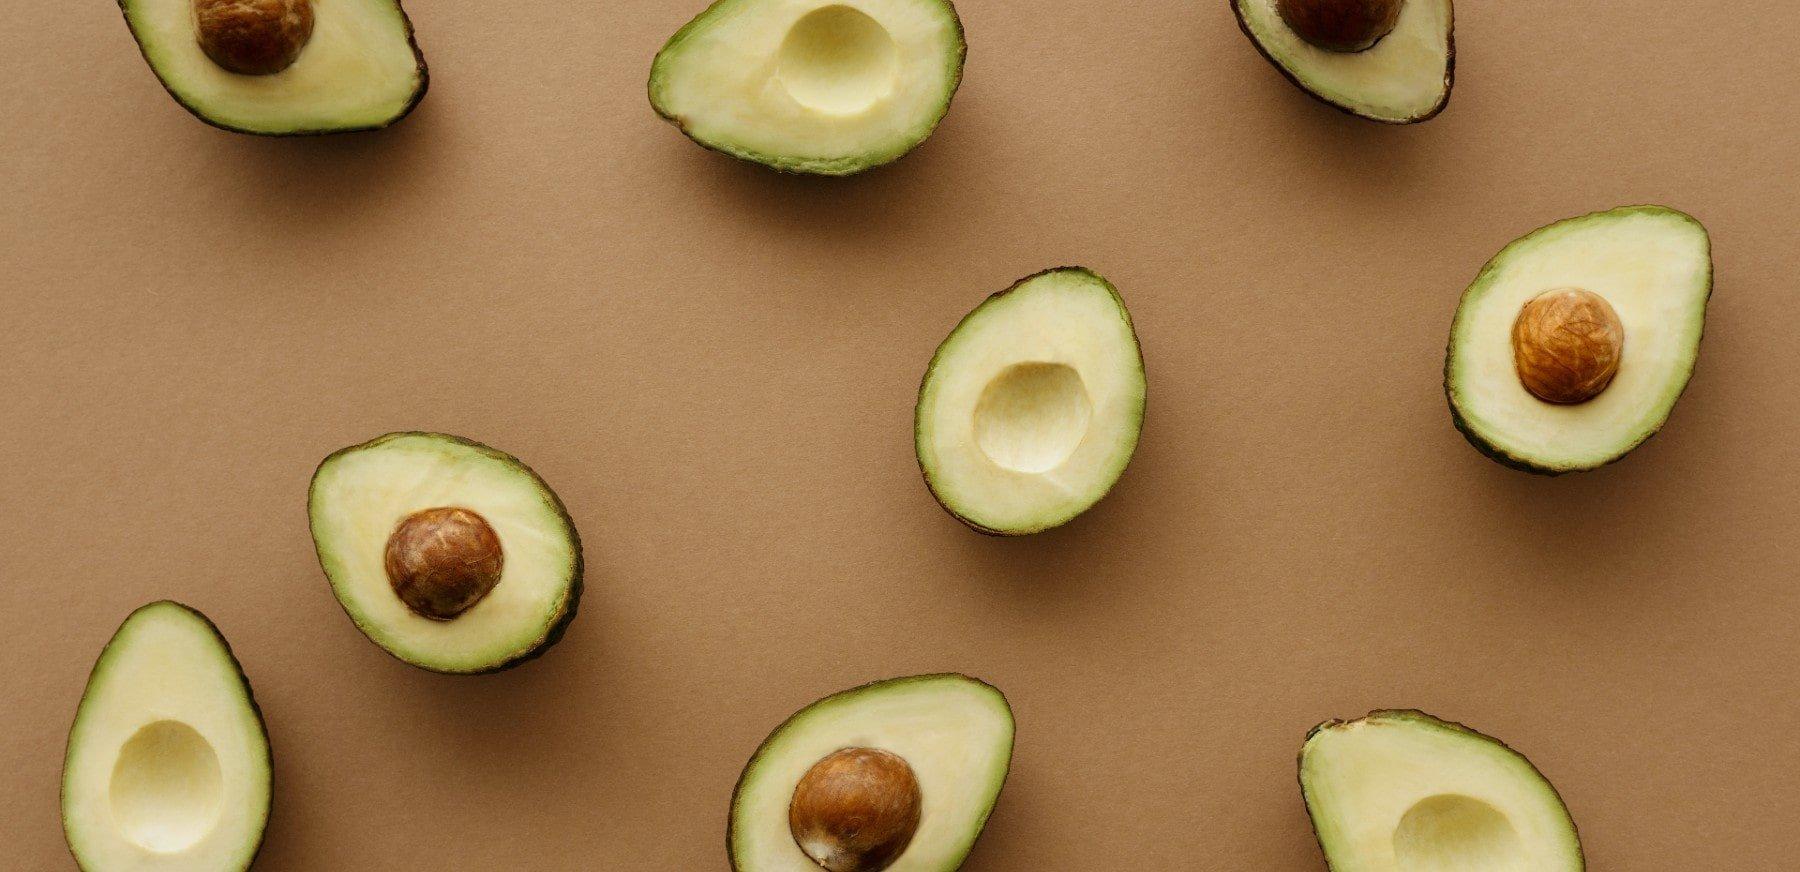 Tutkimus   Avokadot voivat muuttaa rasvan jakautumista naisten kehossa